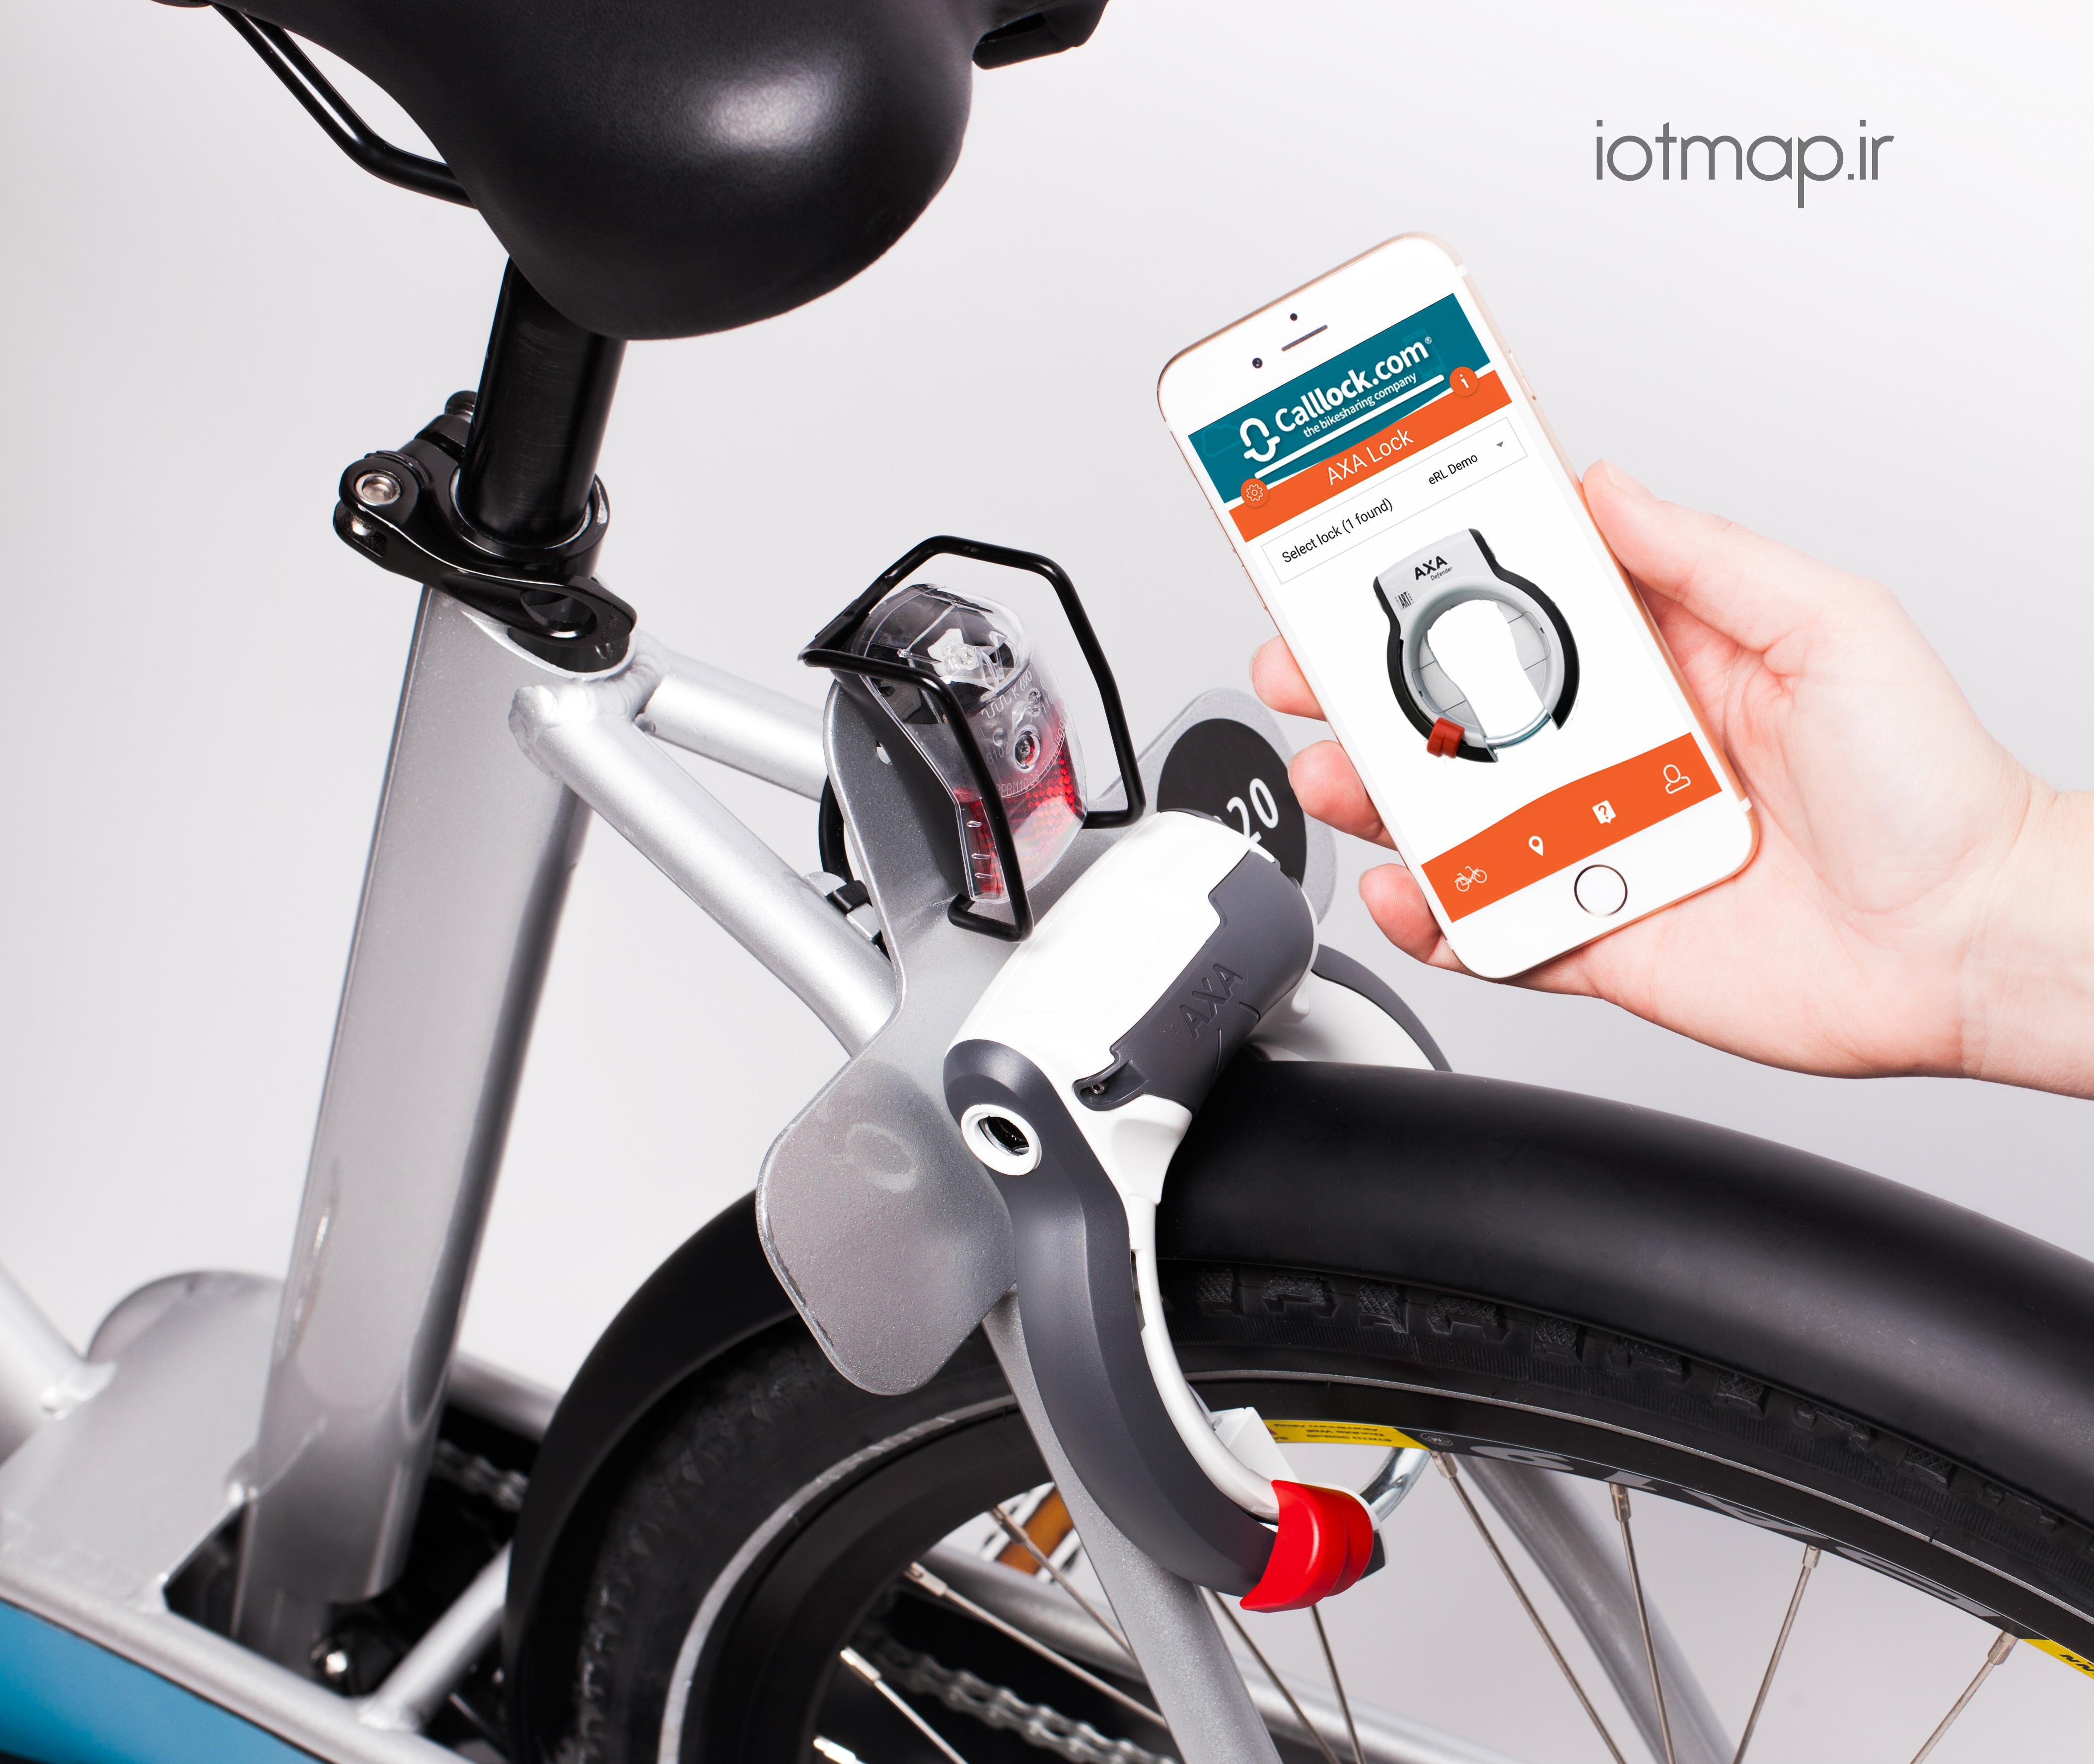 امنیت دوچرخه هوشمند